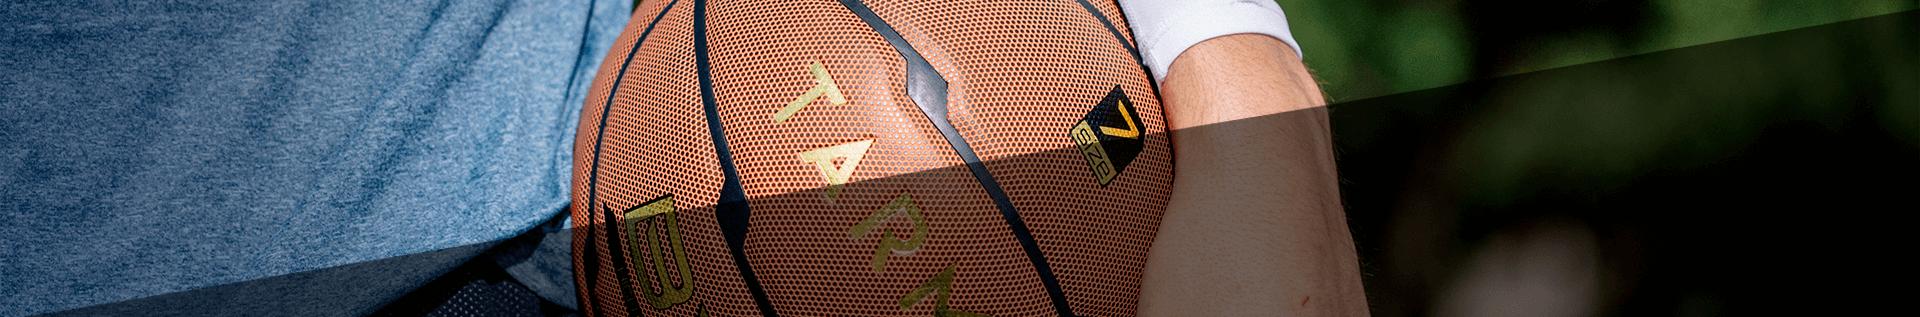 Баскетбольні кільця та стійки